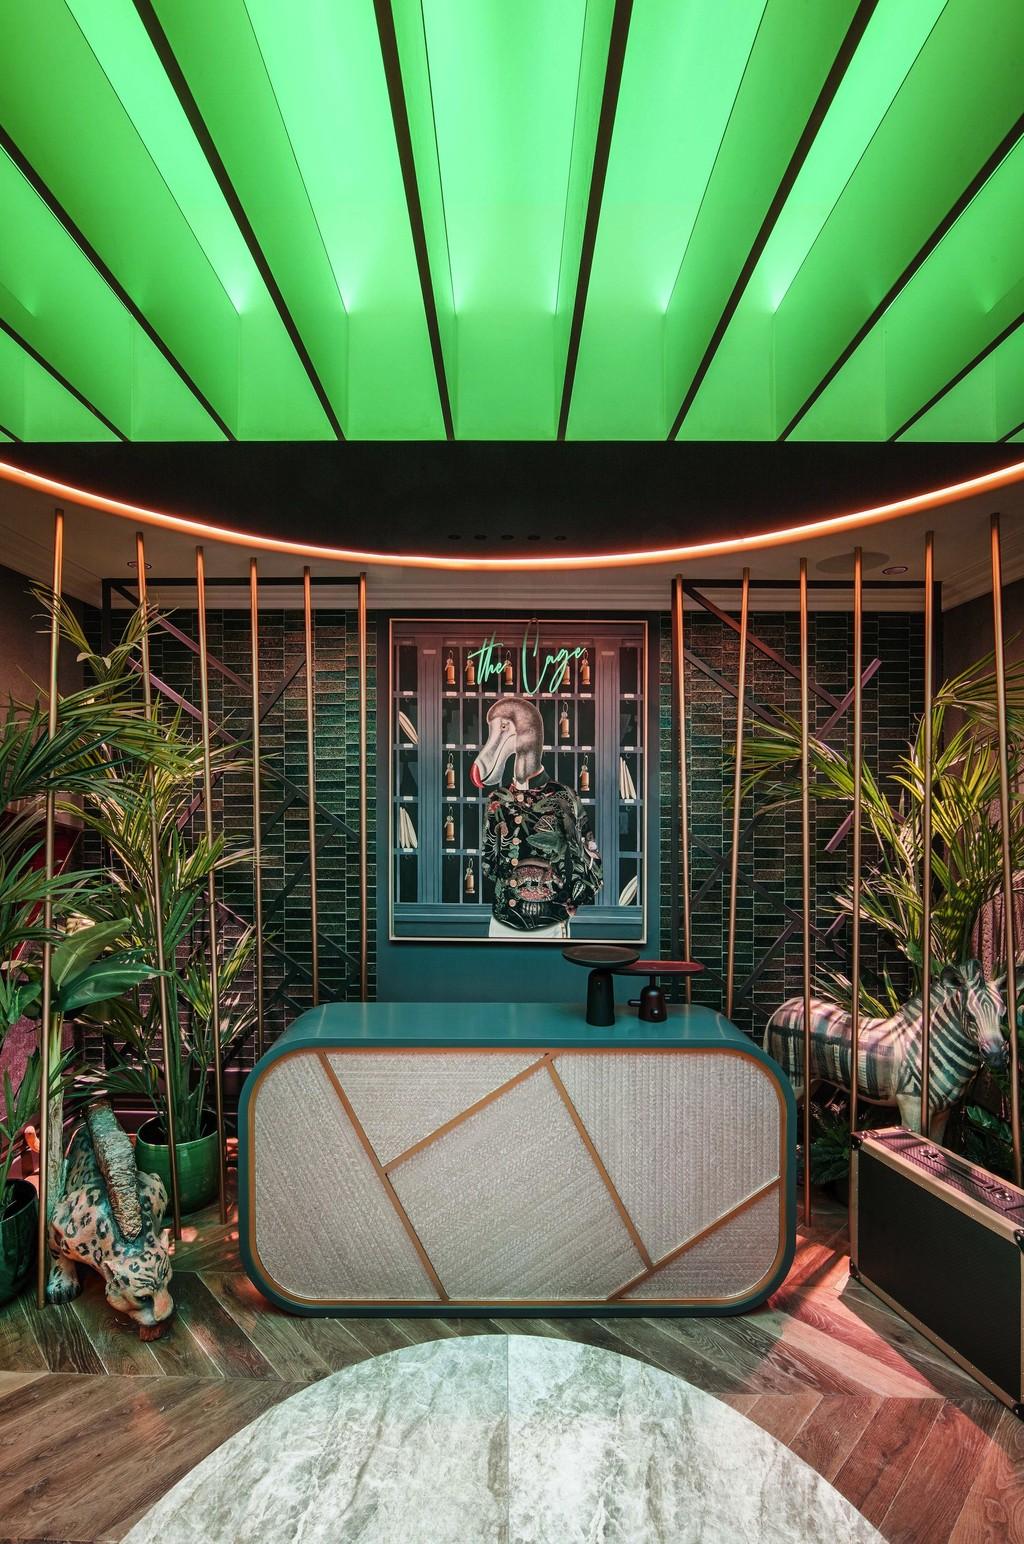 Pictoclub lleva el surrealismo inspirado en Grand Hotel, en forma de ilusión óptica, a Casa Decor#source%3Dgooglier%2Ecom#https%3A%2F%2Fgooglier%2Ecom%2Fpage%2F%2F10000